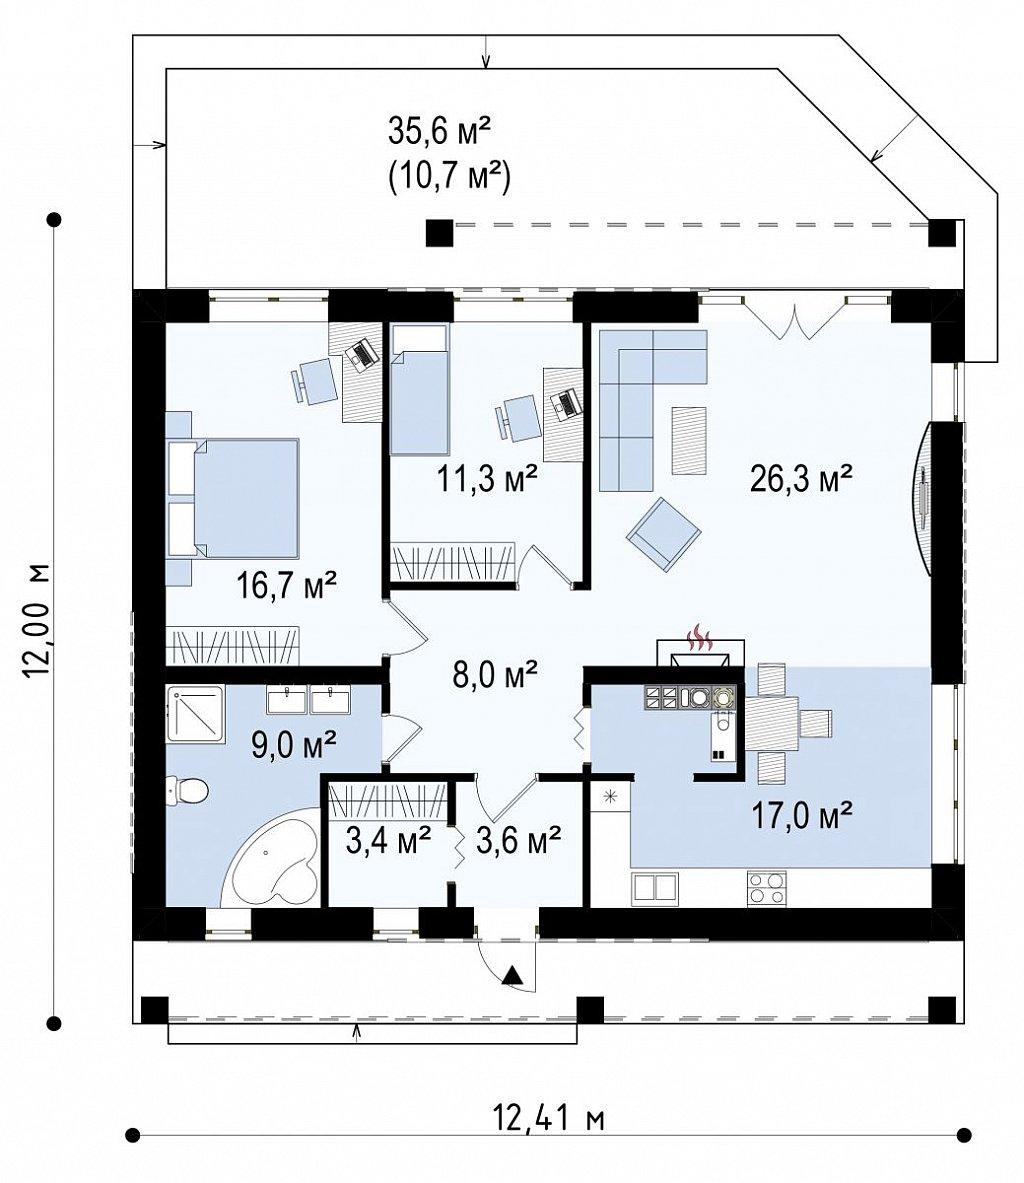 Одноэтажный дом с дополнительной фронтальной террасой. план помещений 1